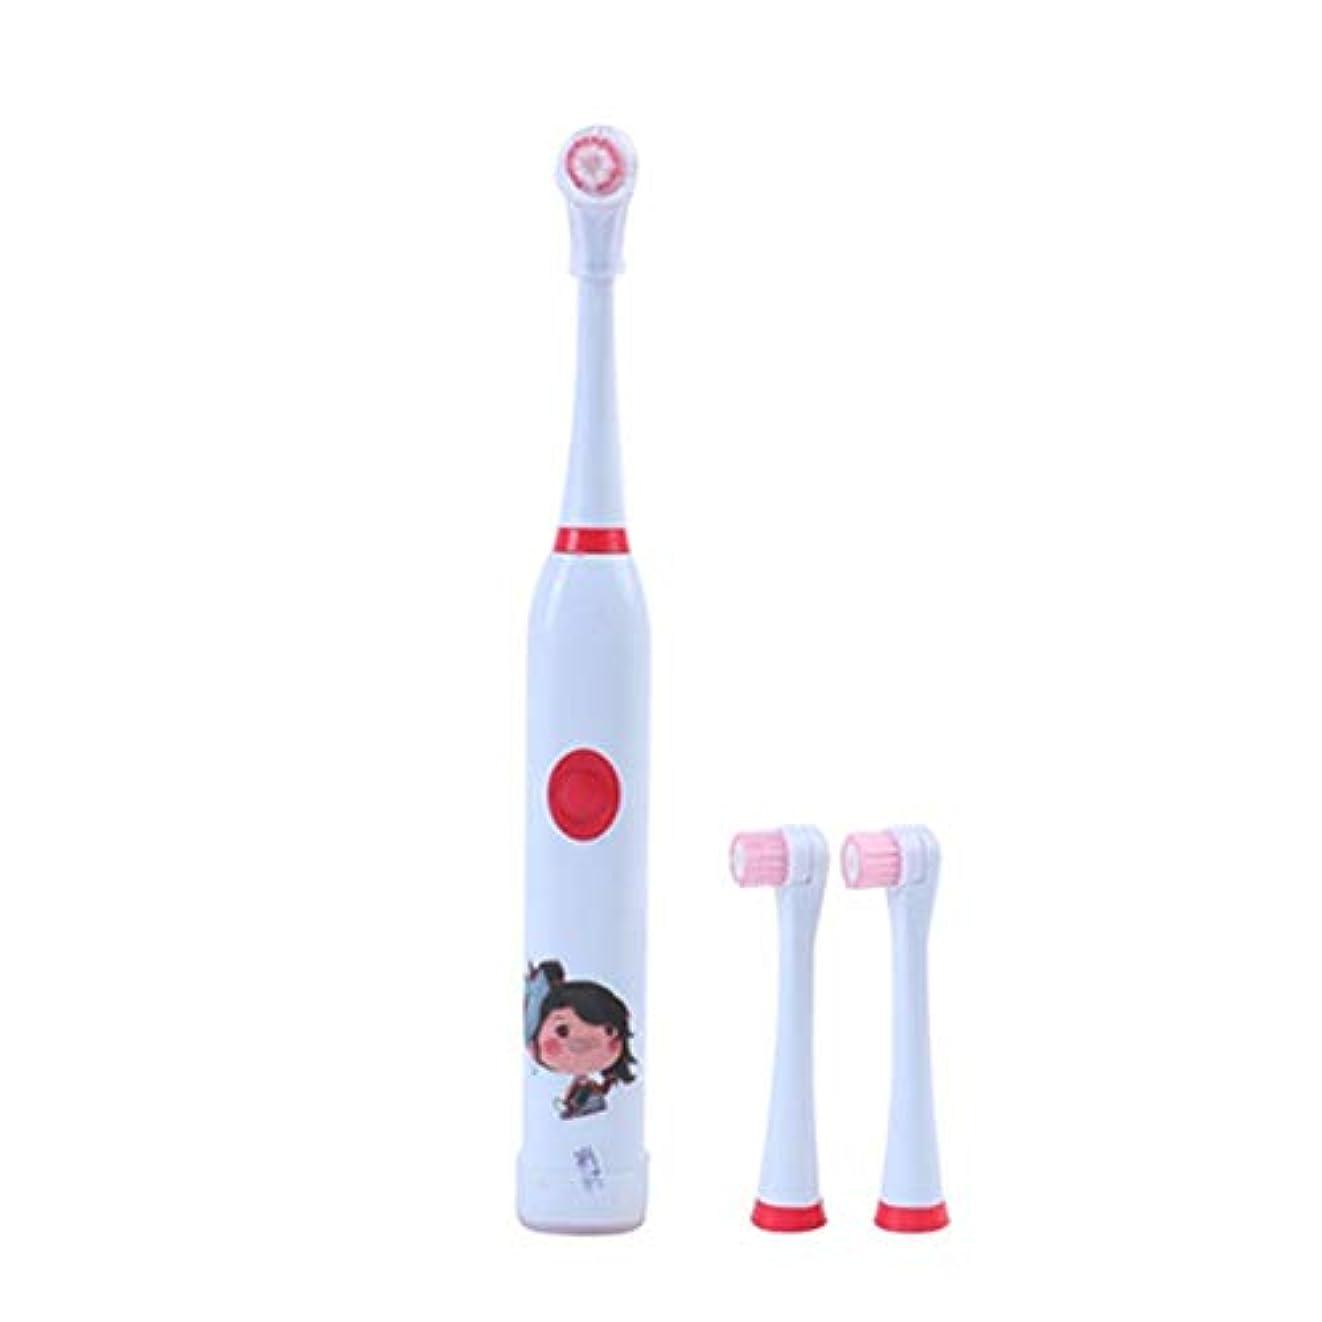 不平を言う拍車日常的に電動歯ブラシ 毎日の使用のための子供の電動歯ブラシUSB充電式ホワイトニング歯ブラシ 大人と子供向け (色 : 赤, サイズ : Free size)